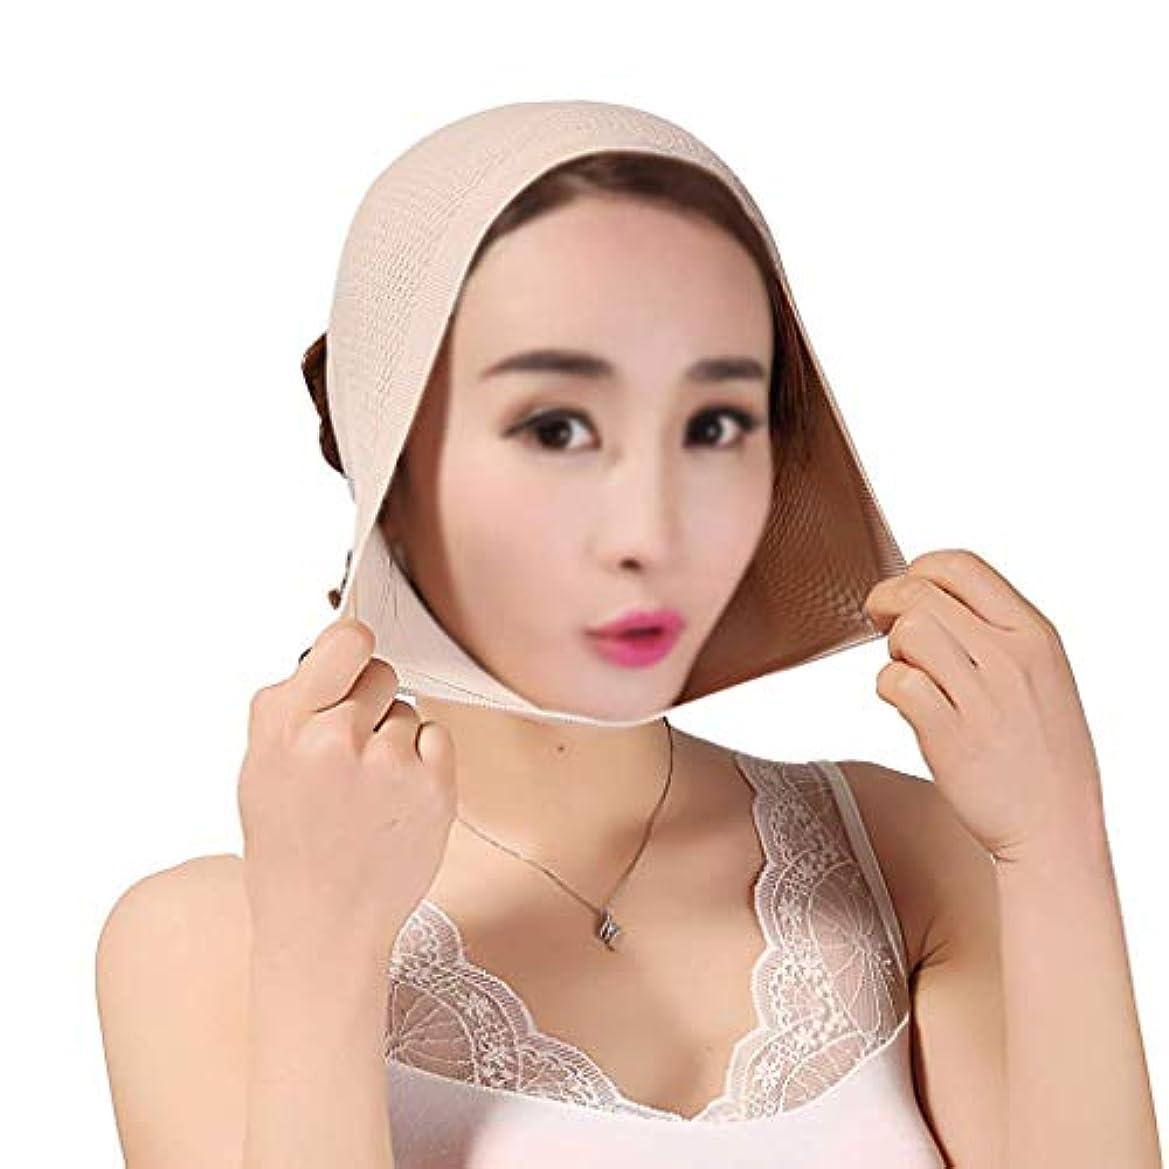 完璧な知的クラウドSlim身ベルト、フェイシャルマスク薄い顔のマスク睡眠薄い顔の包帯薄い顔のマスクフェイスリフトアーティファクトスモールV顔にダブルチンリフト引き締め顔訂正